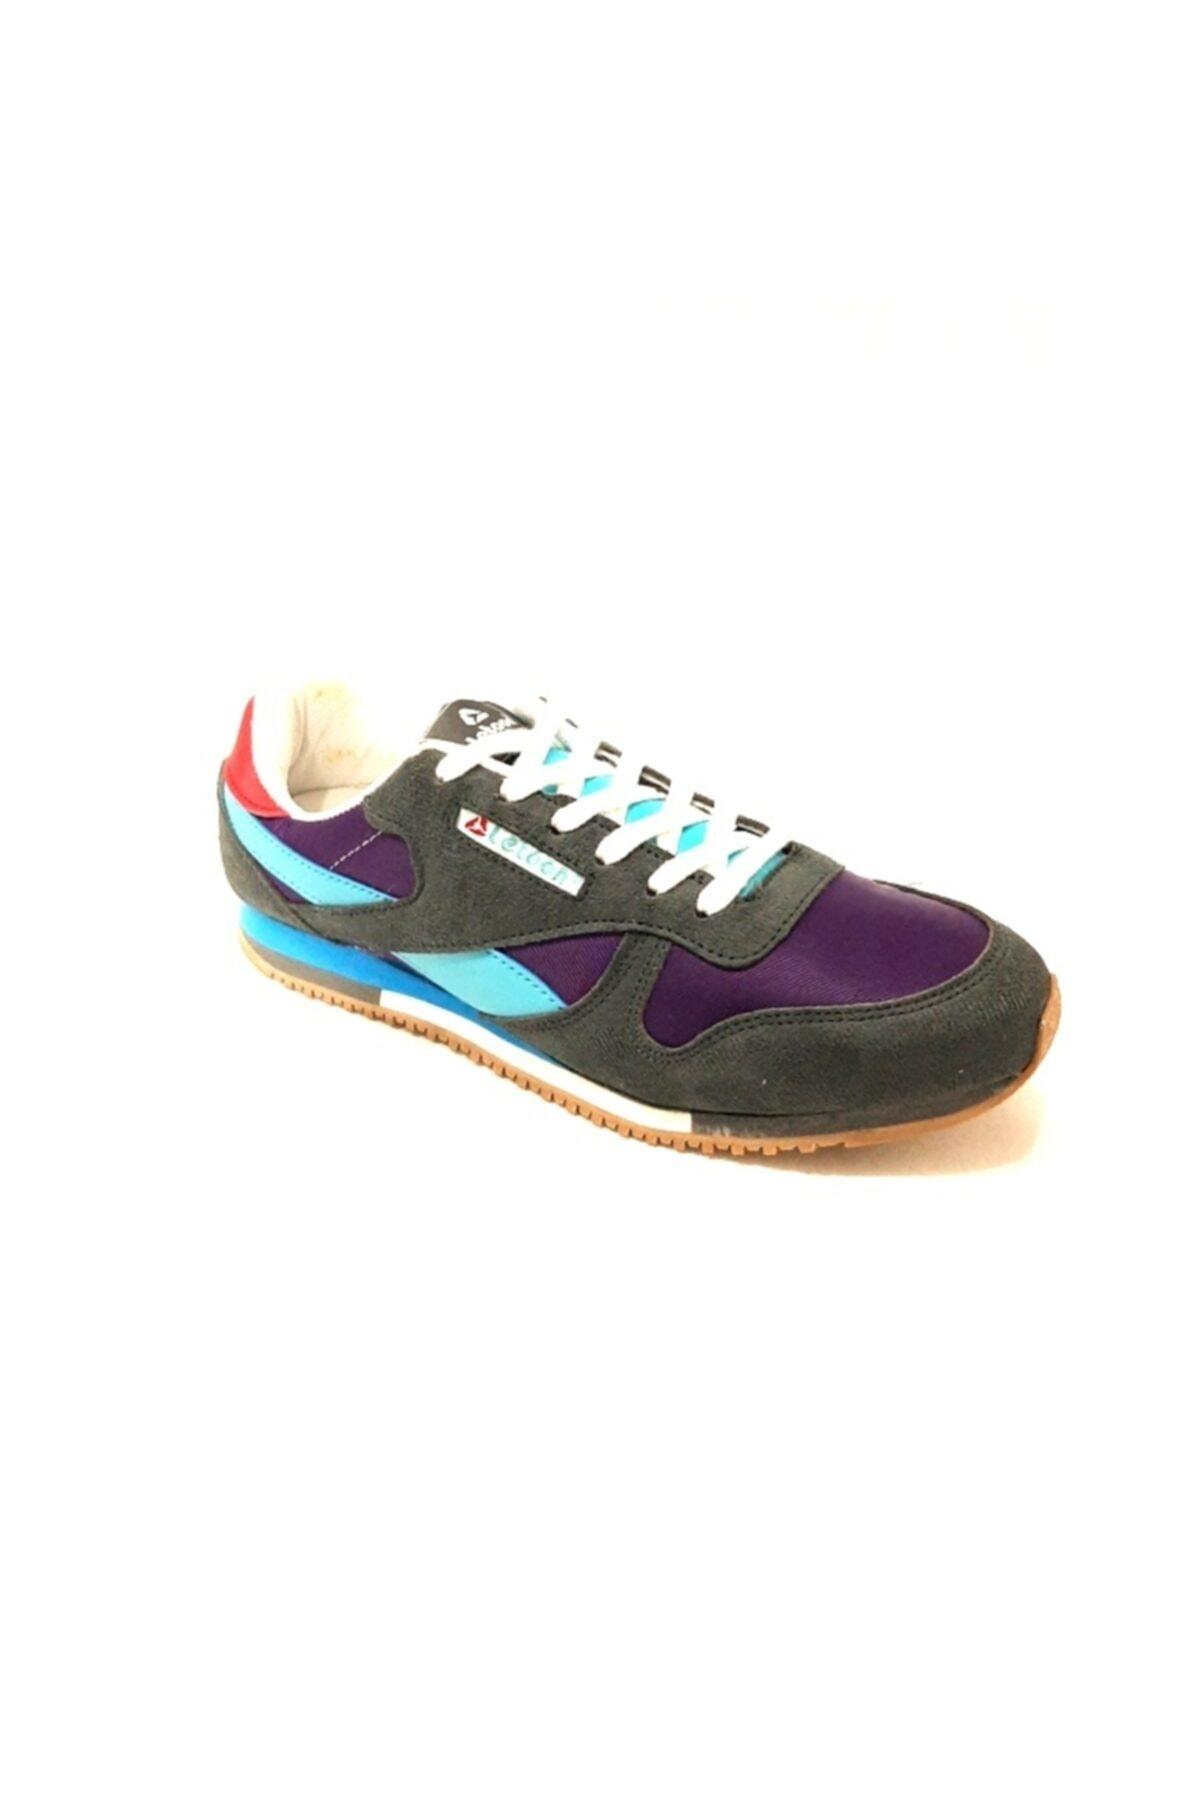 LETOON Ortapedik Çoklu Renk Unisex Spor Ayakkabı 2